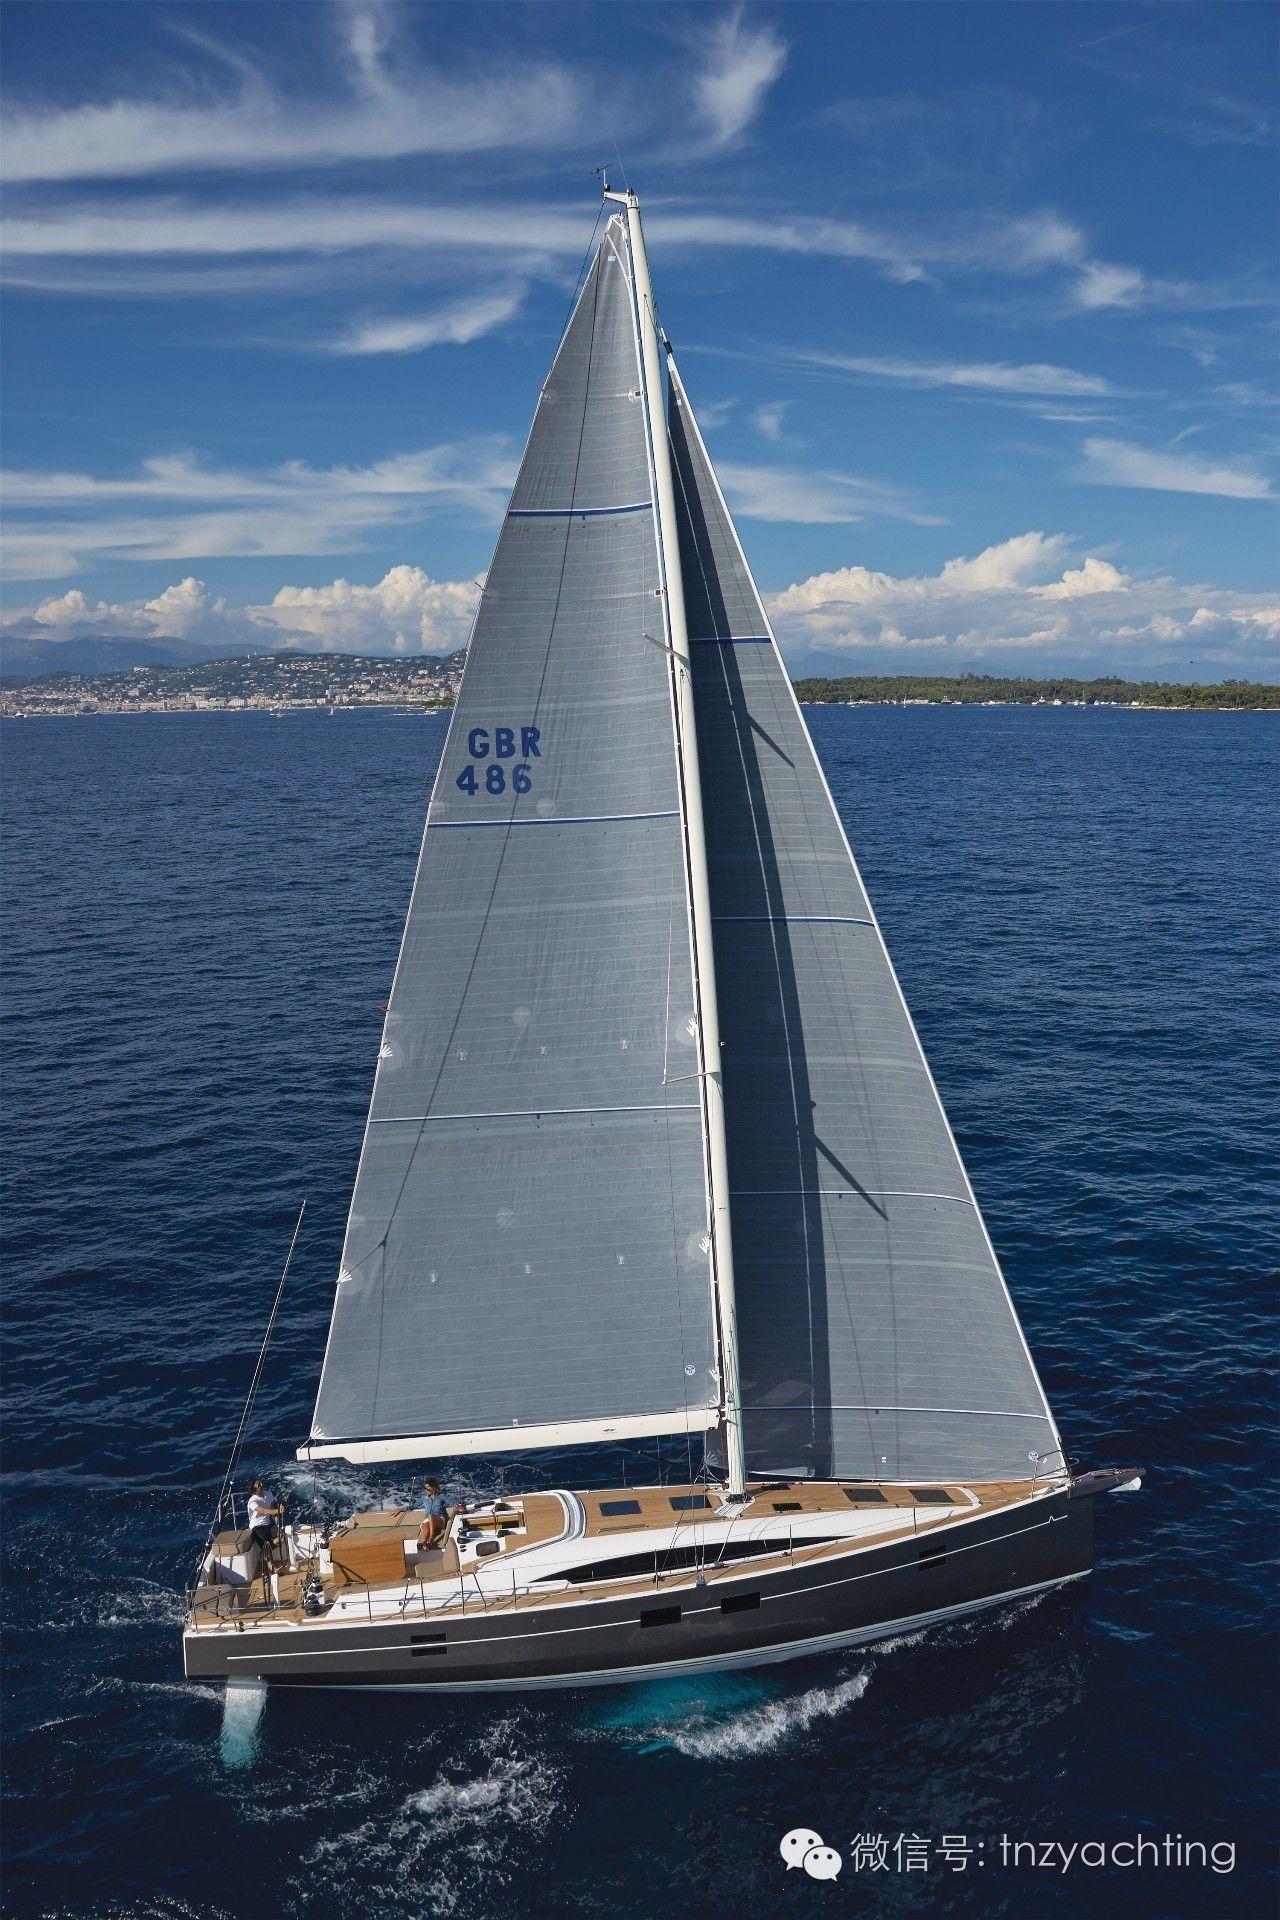 表现力,风格,最好,帆船,技术 阿兹尔(AZUREE)46单体帆船图文介绍 247eef17d542590b4d4c409b19f4196c.jpg